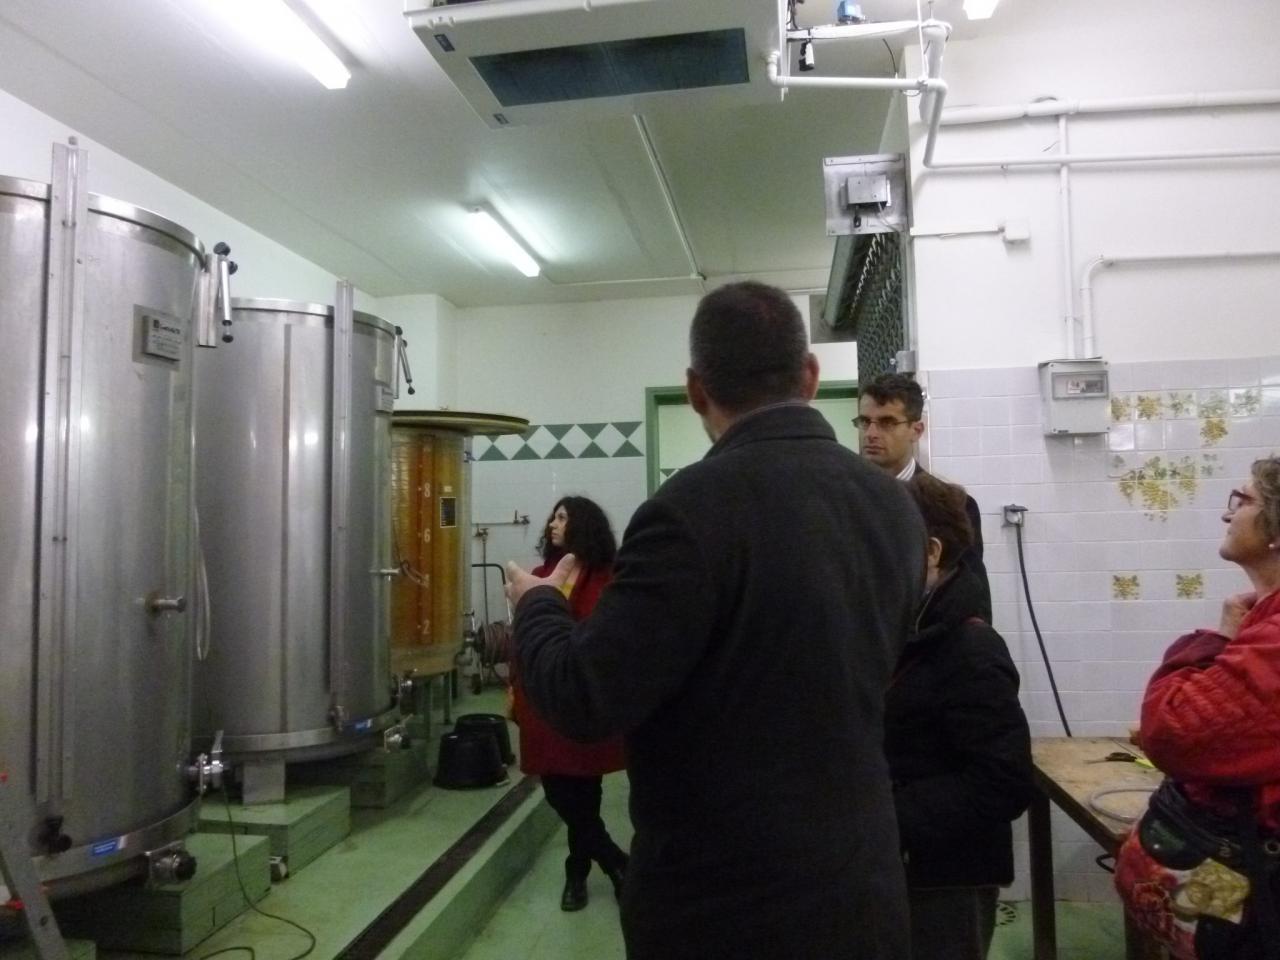 Explication sur la fermentation du vin